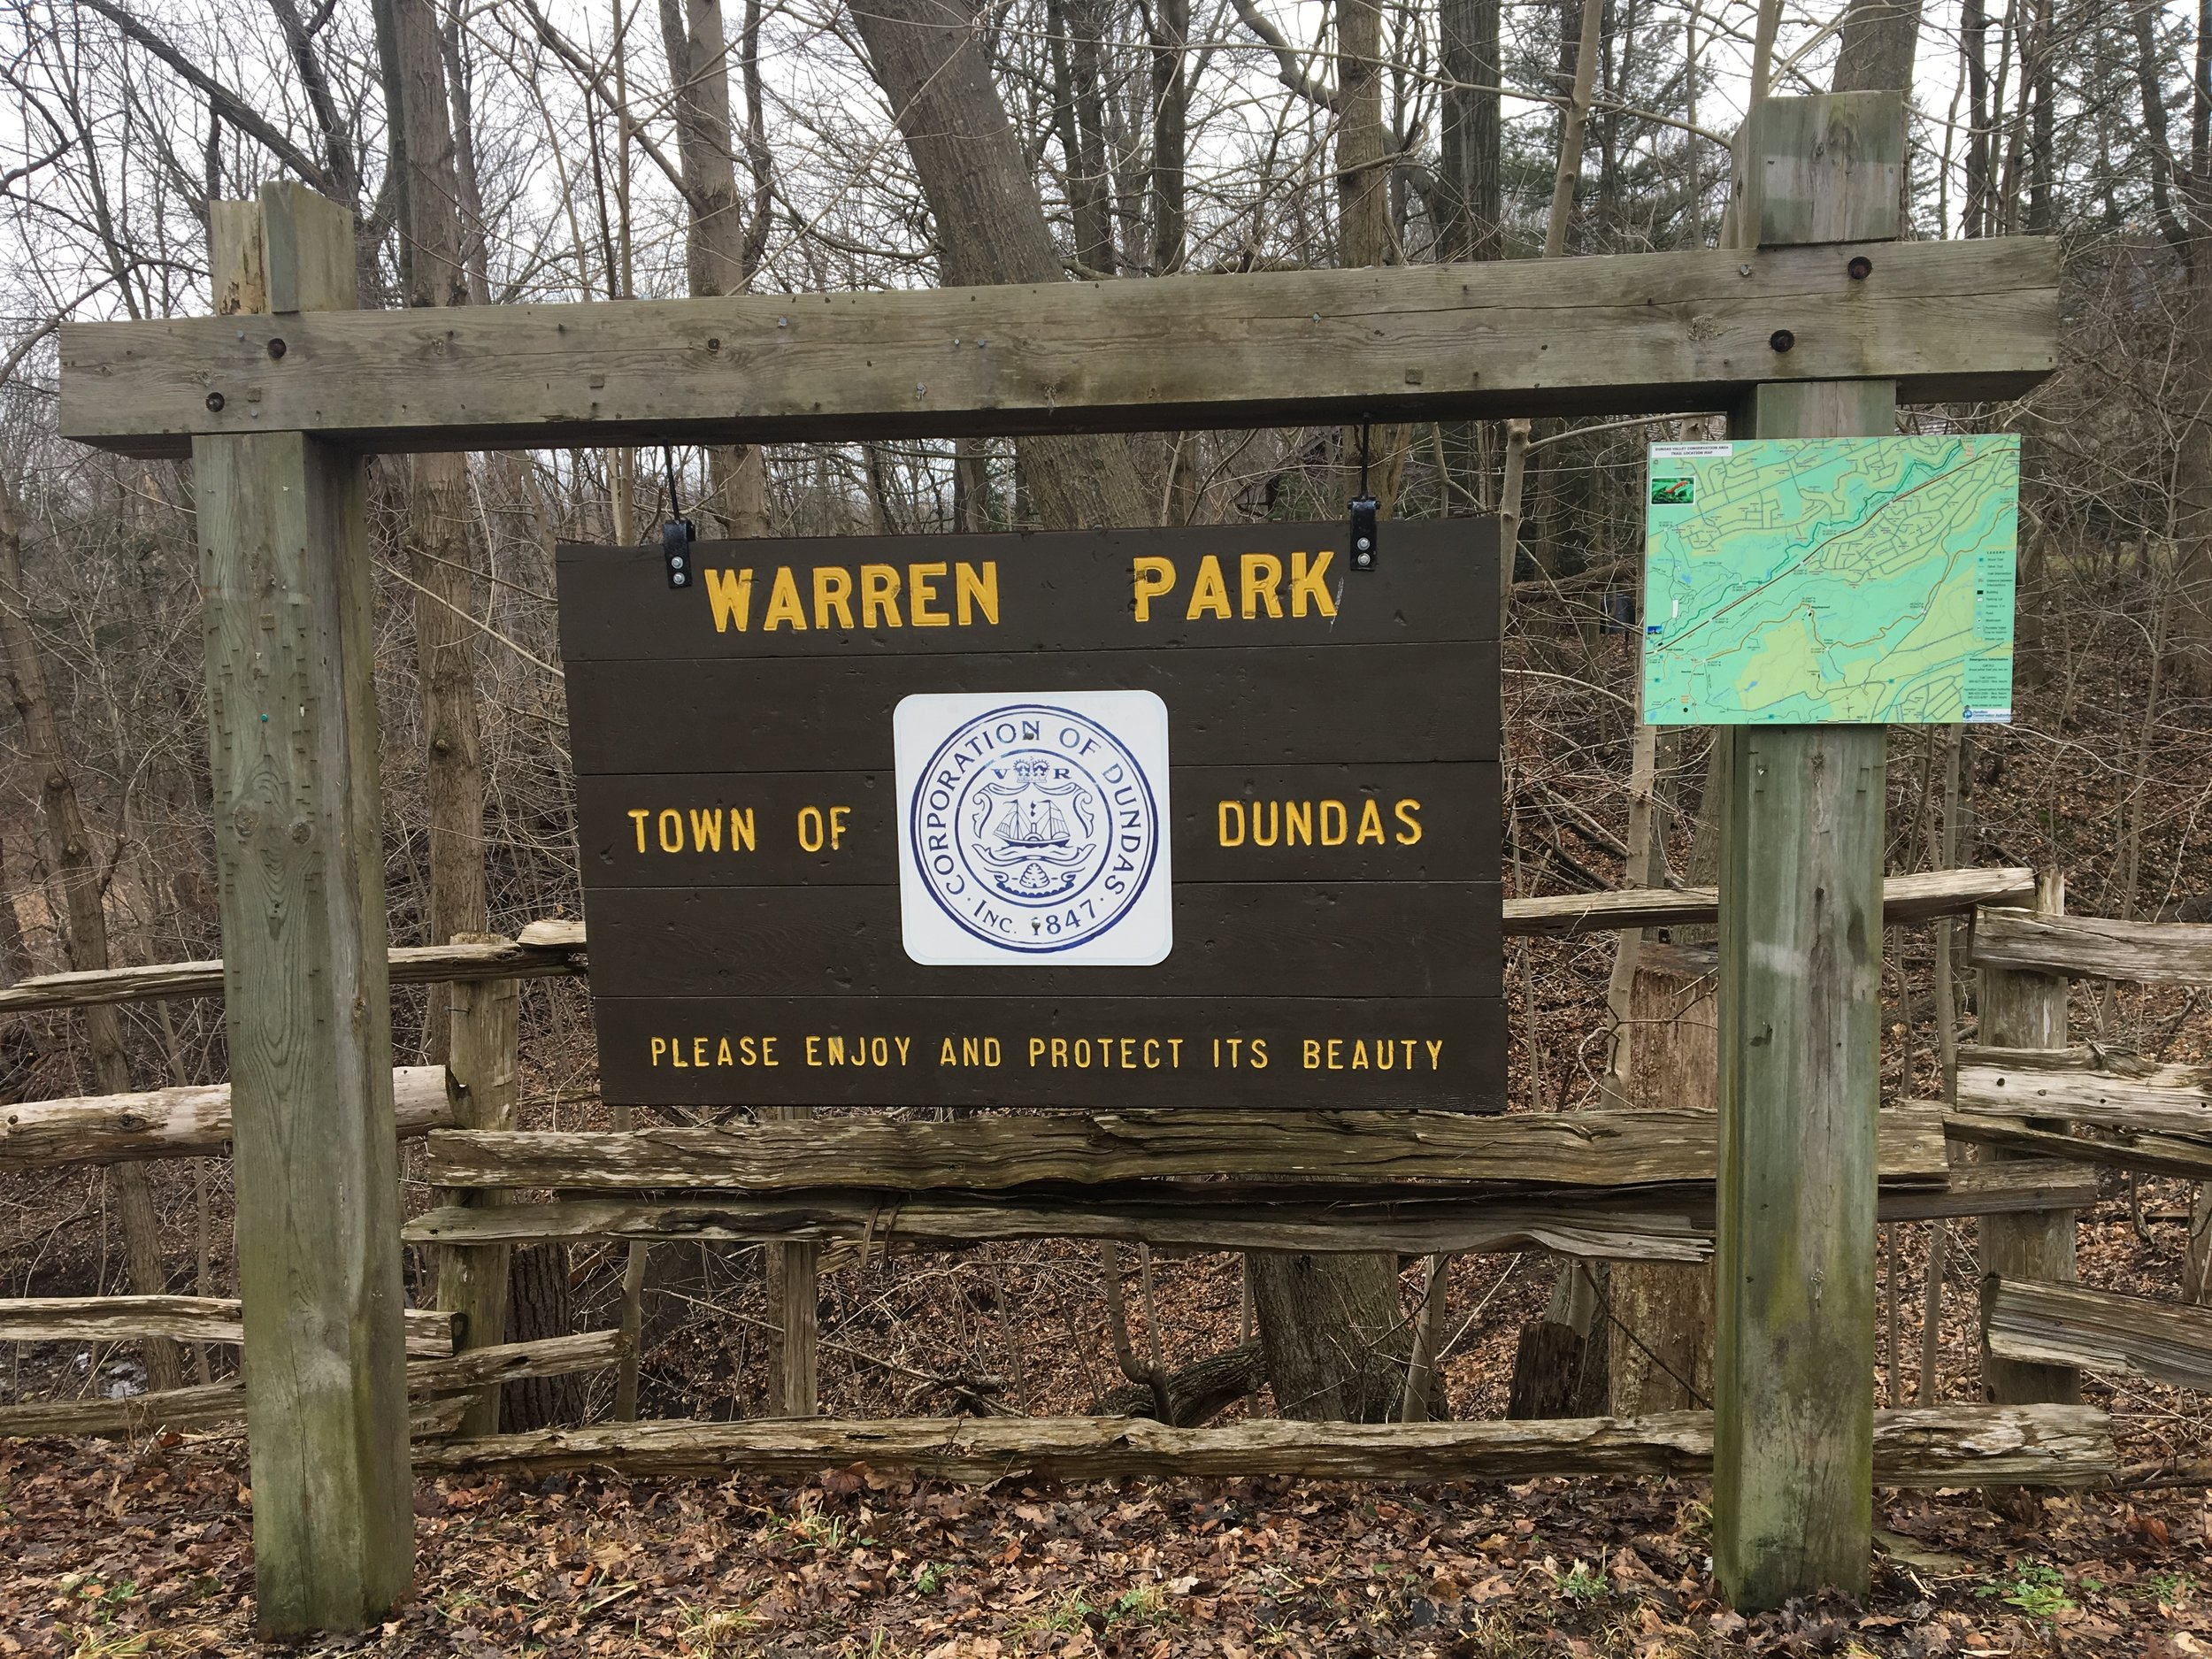 WarrenPark-Dundas-Sign.JPG